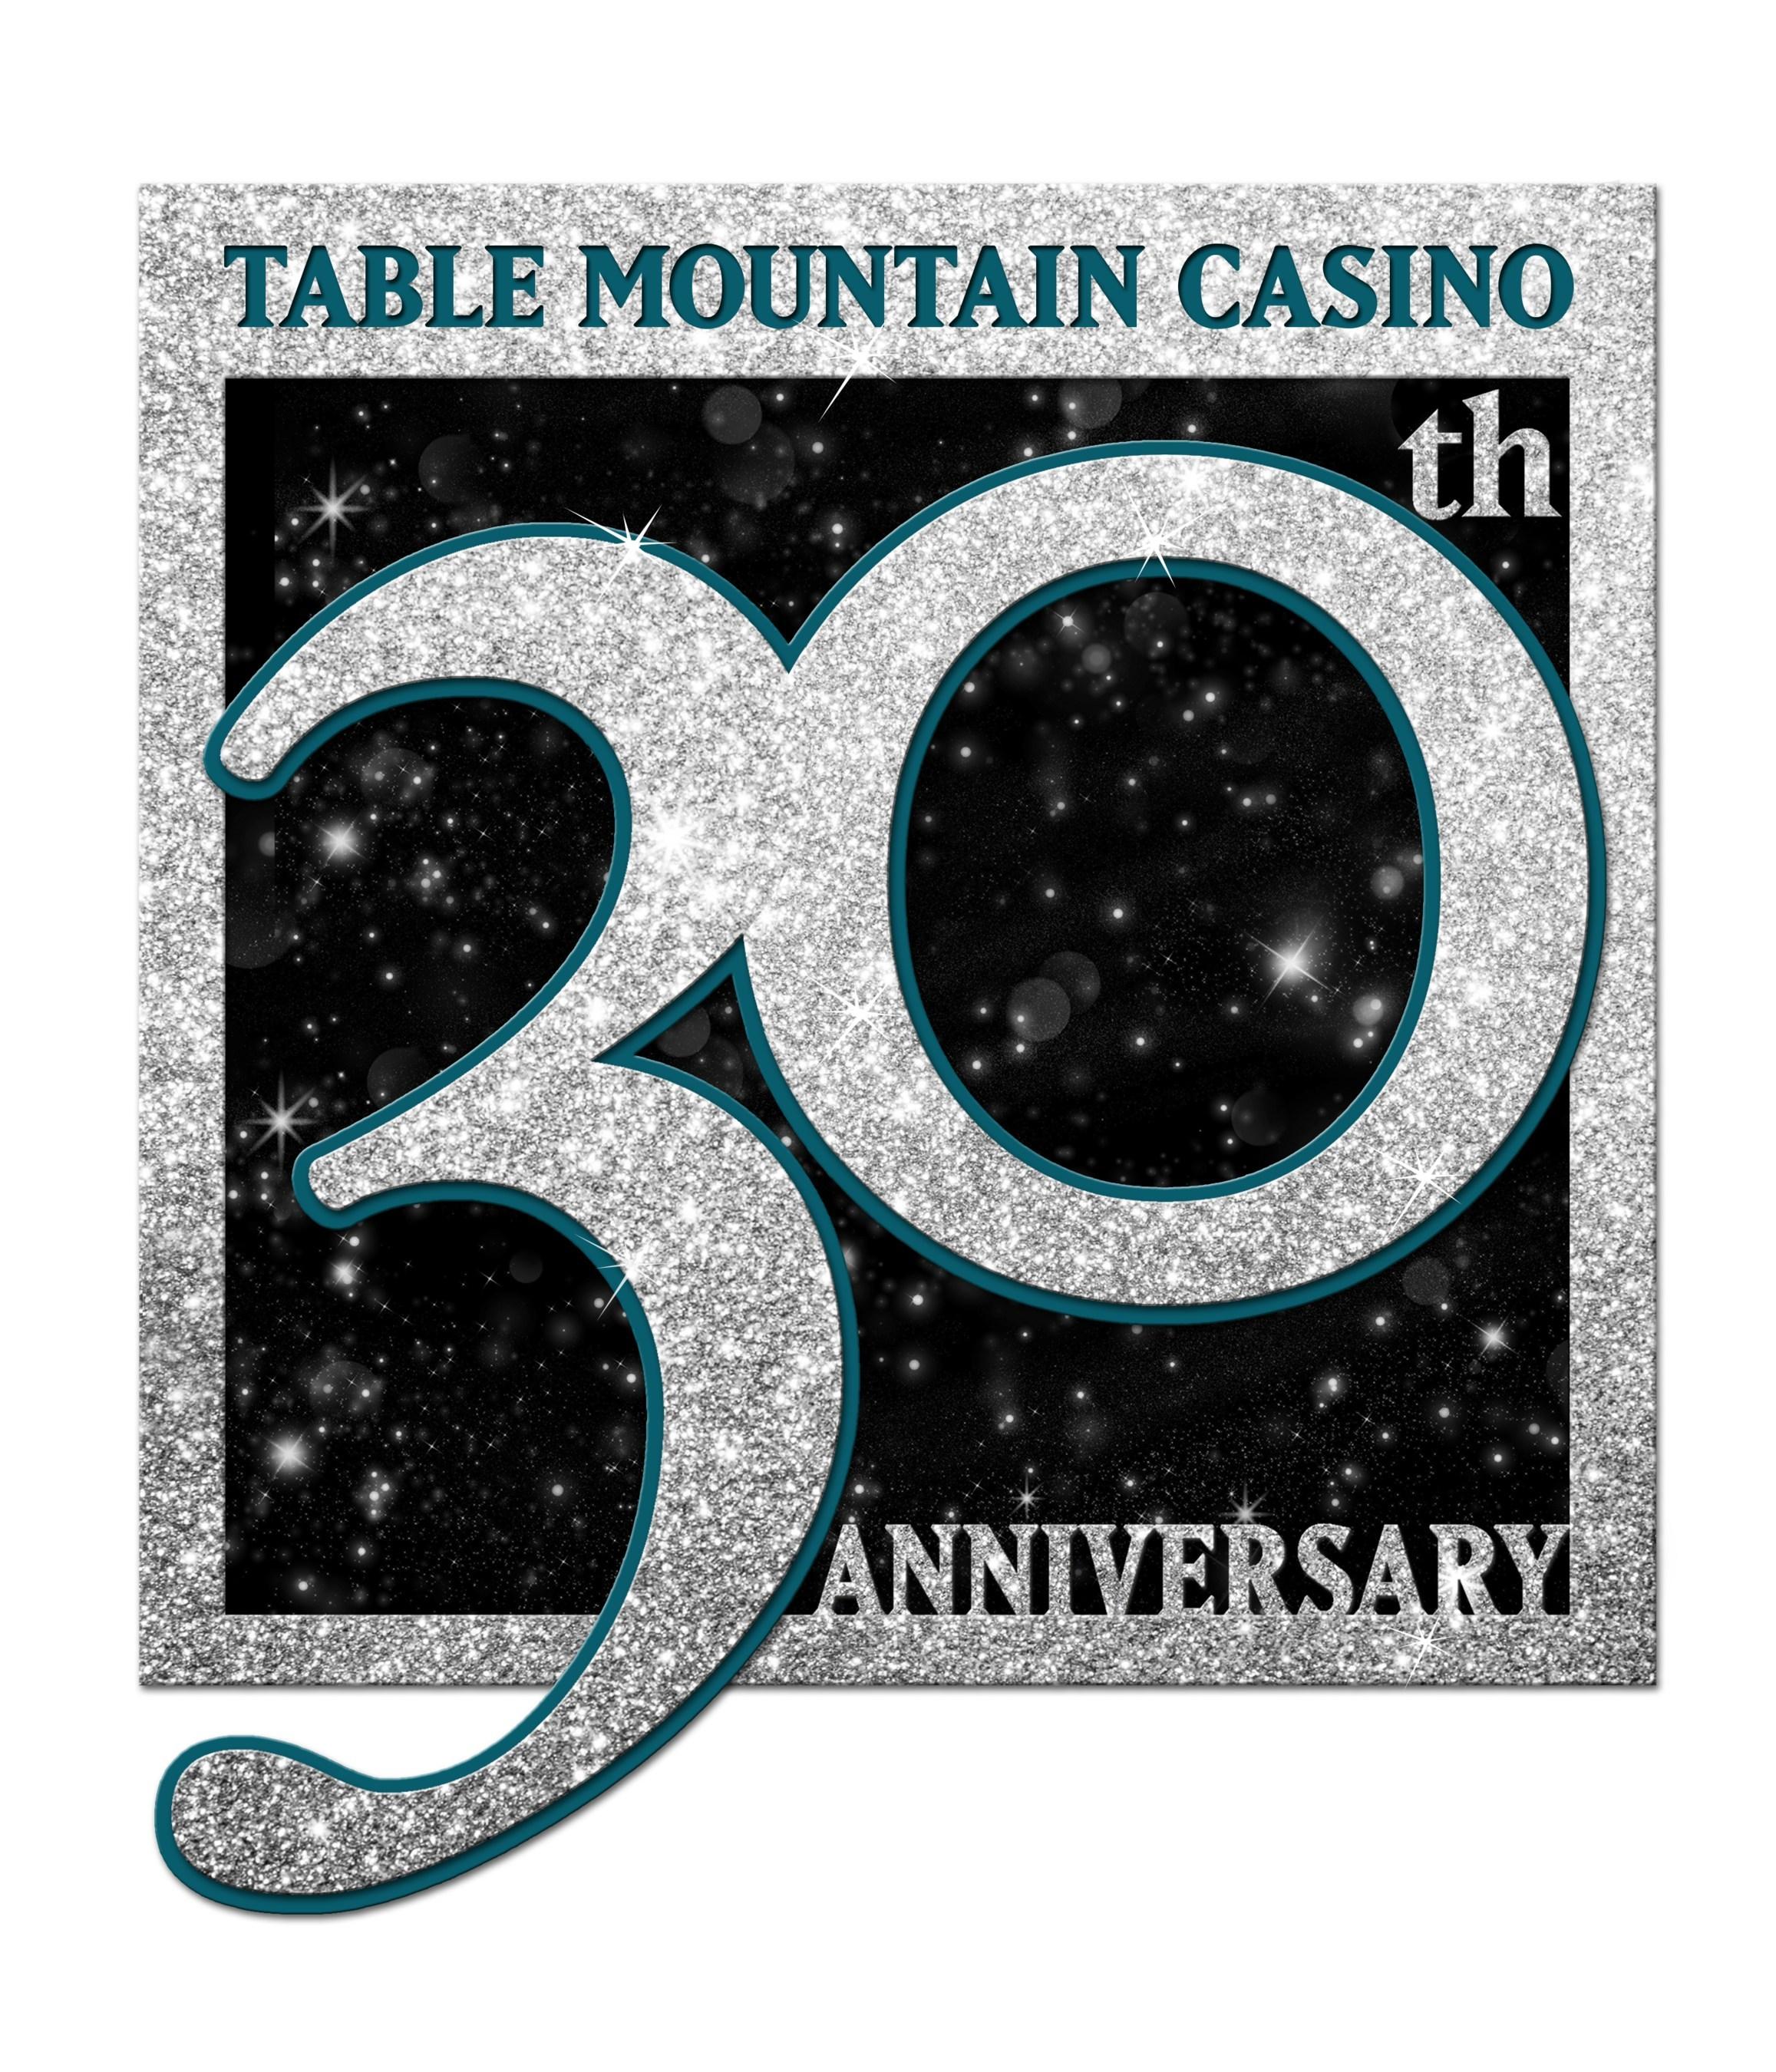 Table mountain casino fresno california